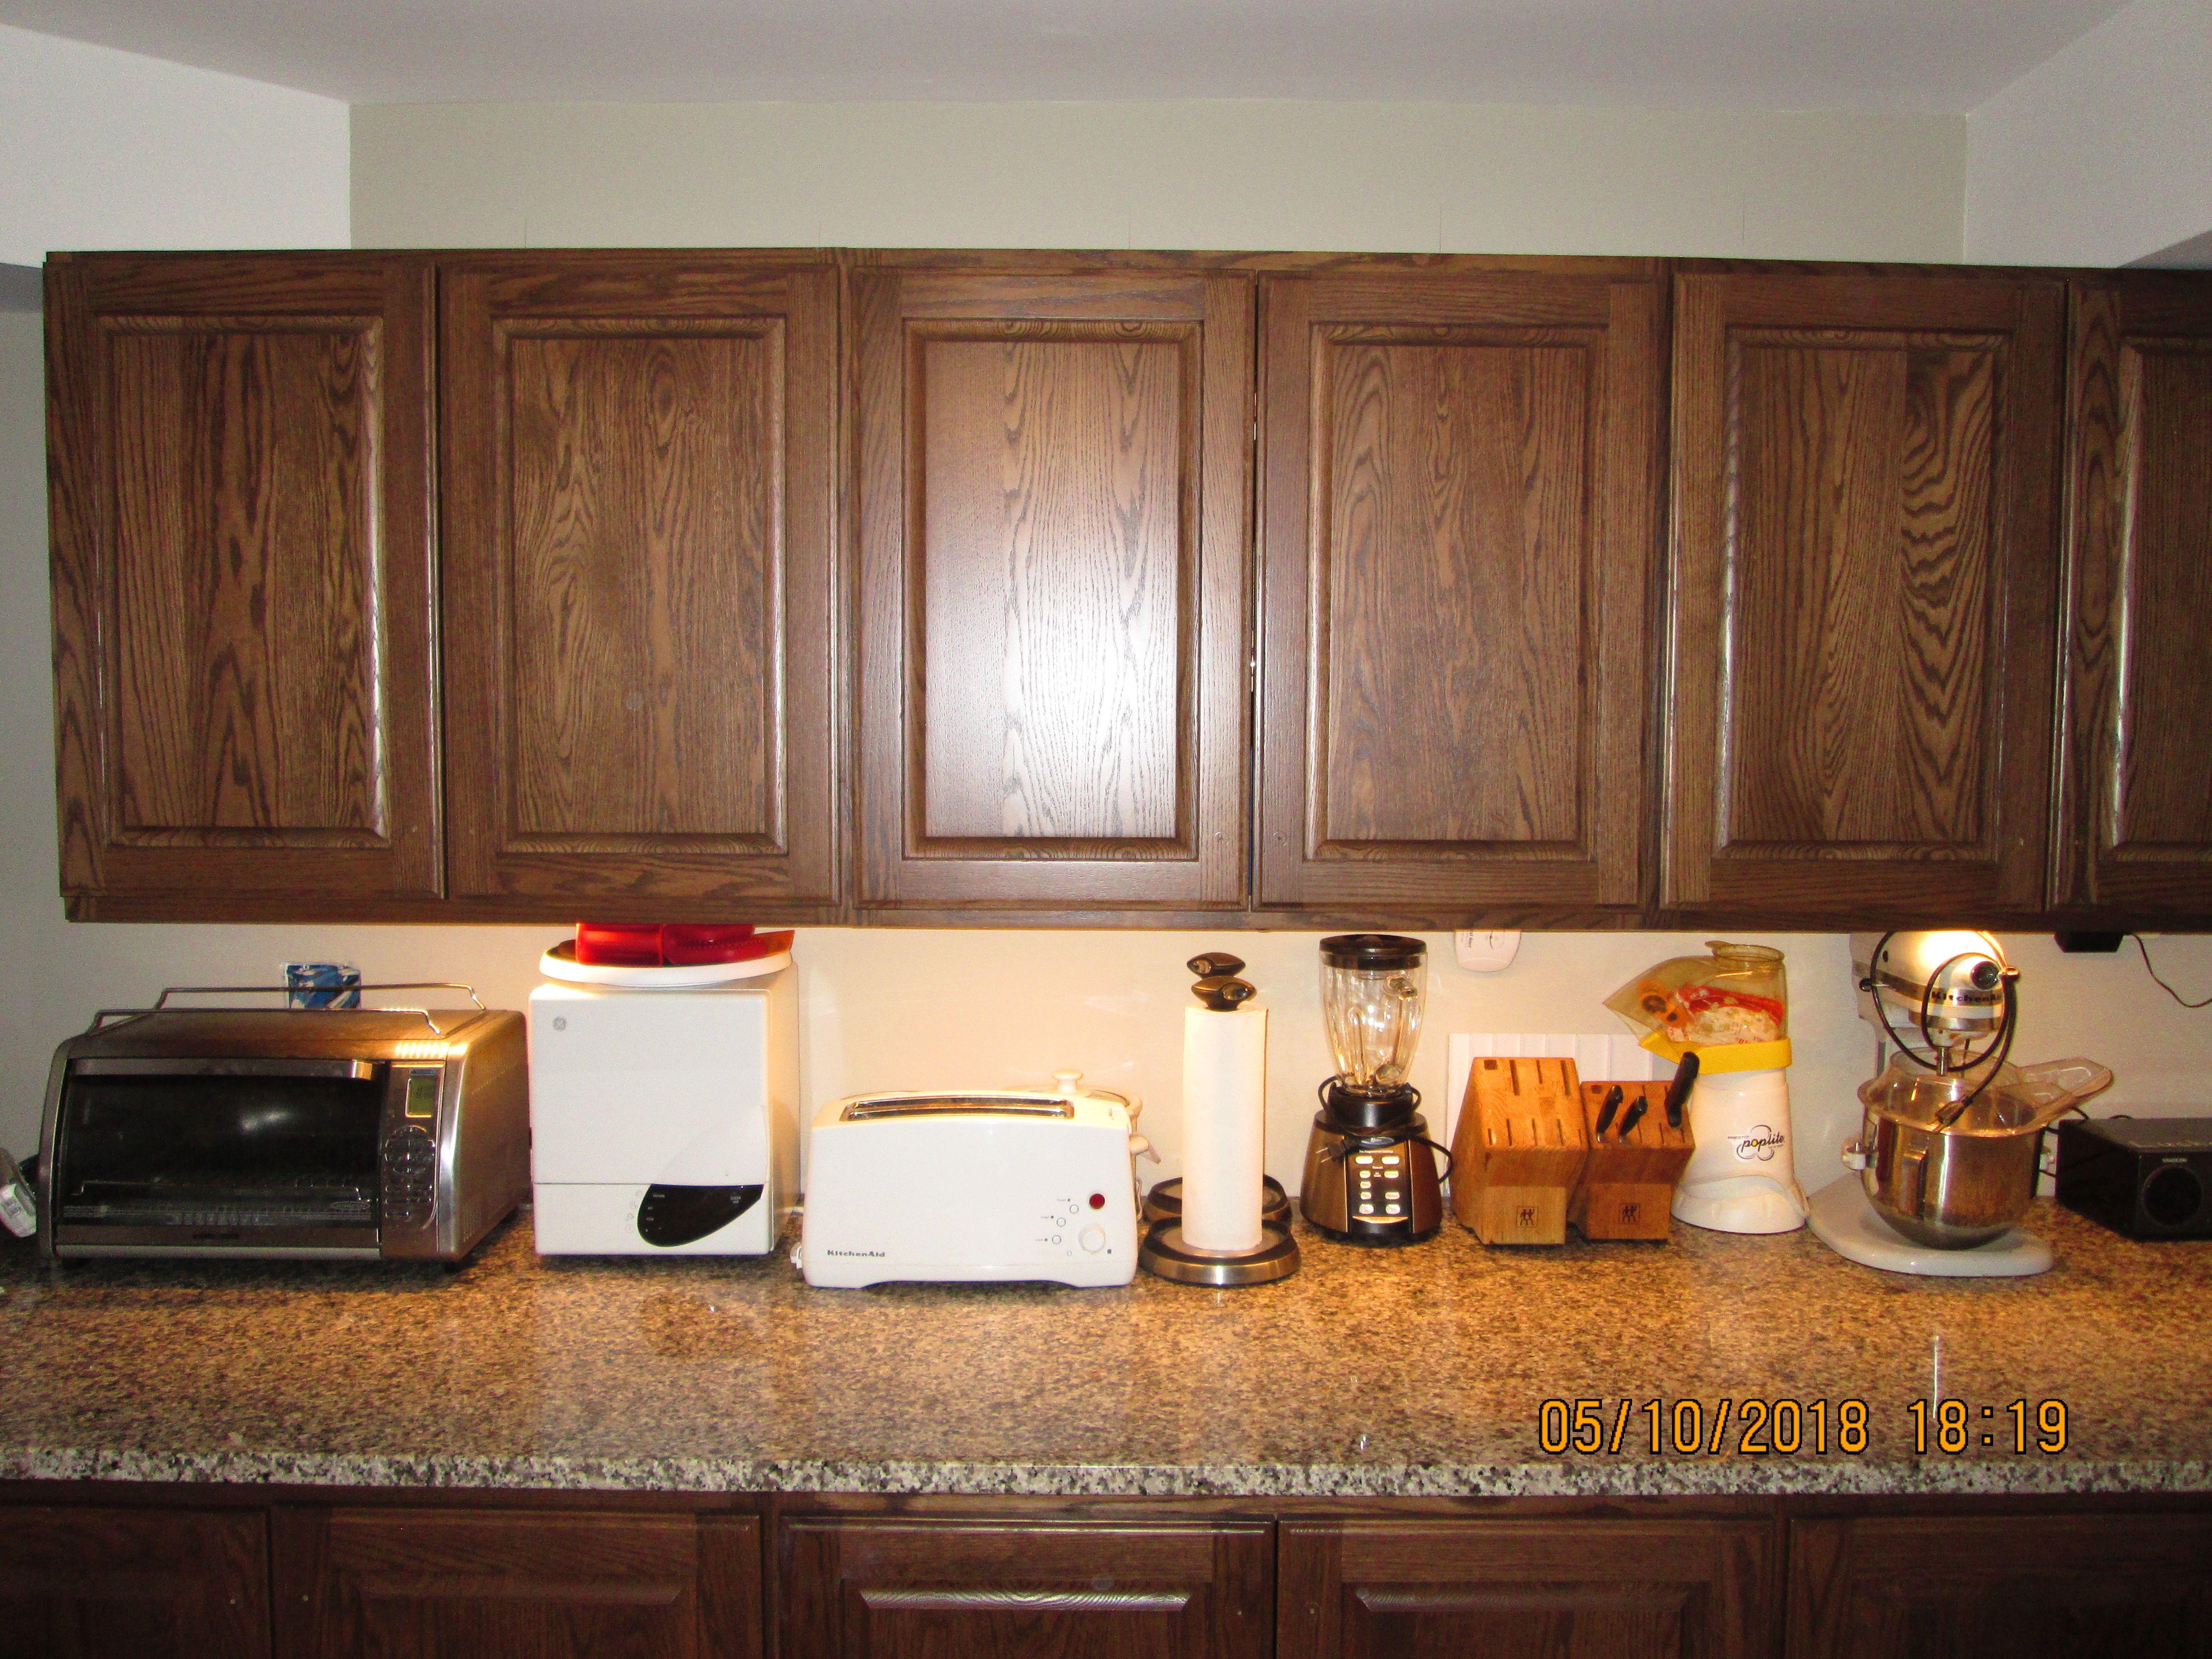 Six Craigslist 36 Wide Kitchen Cabinets Were Originally